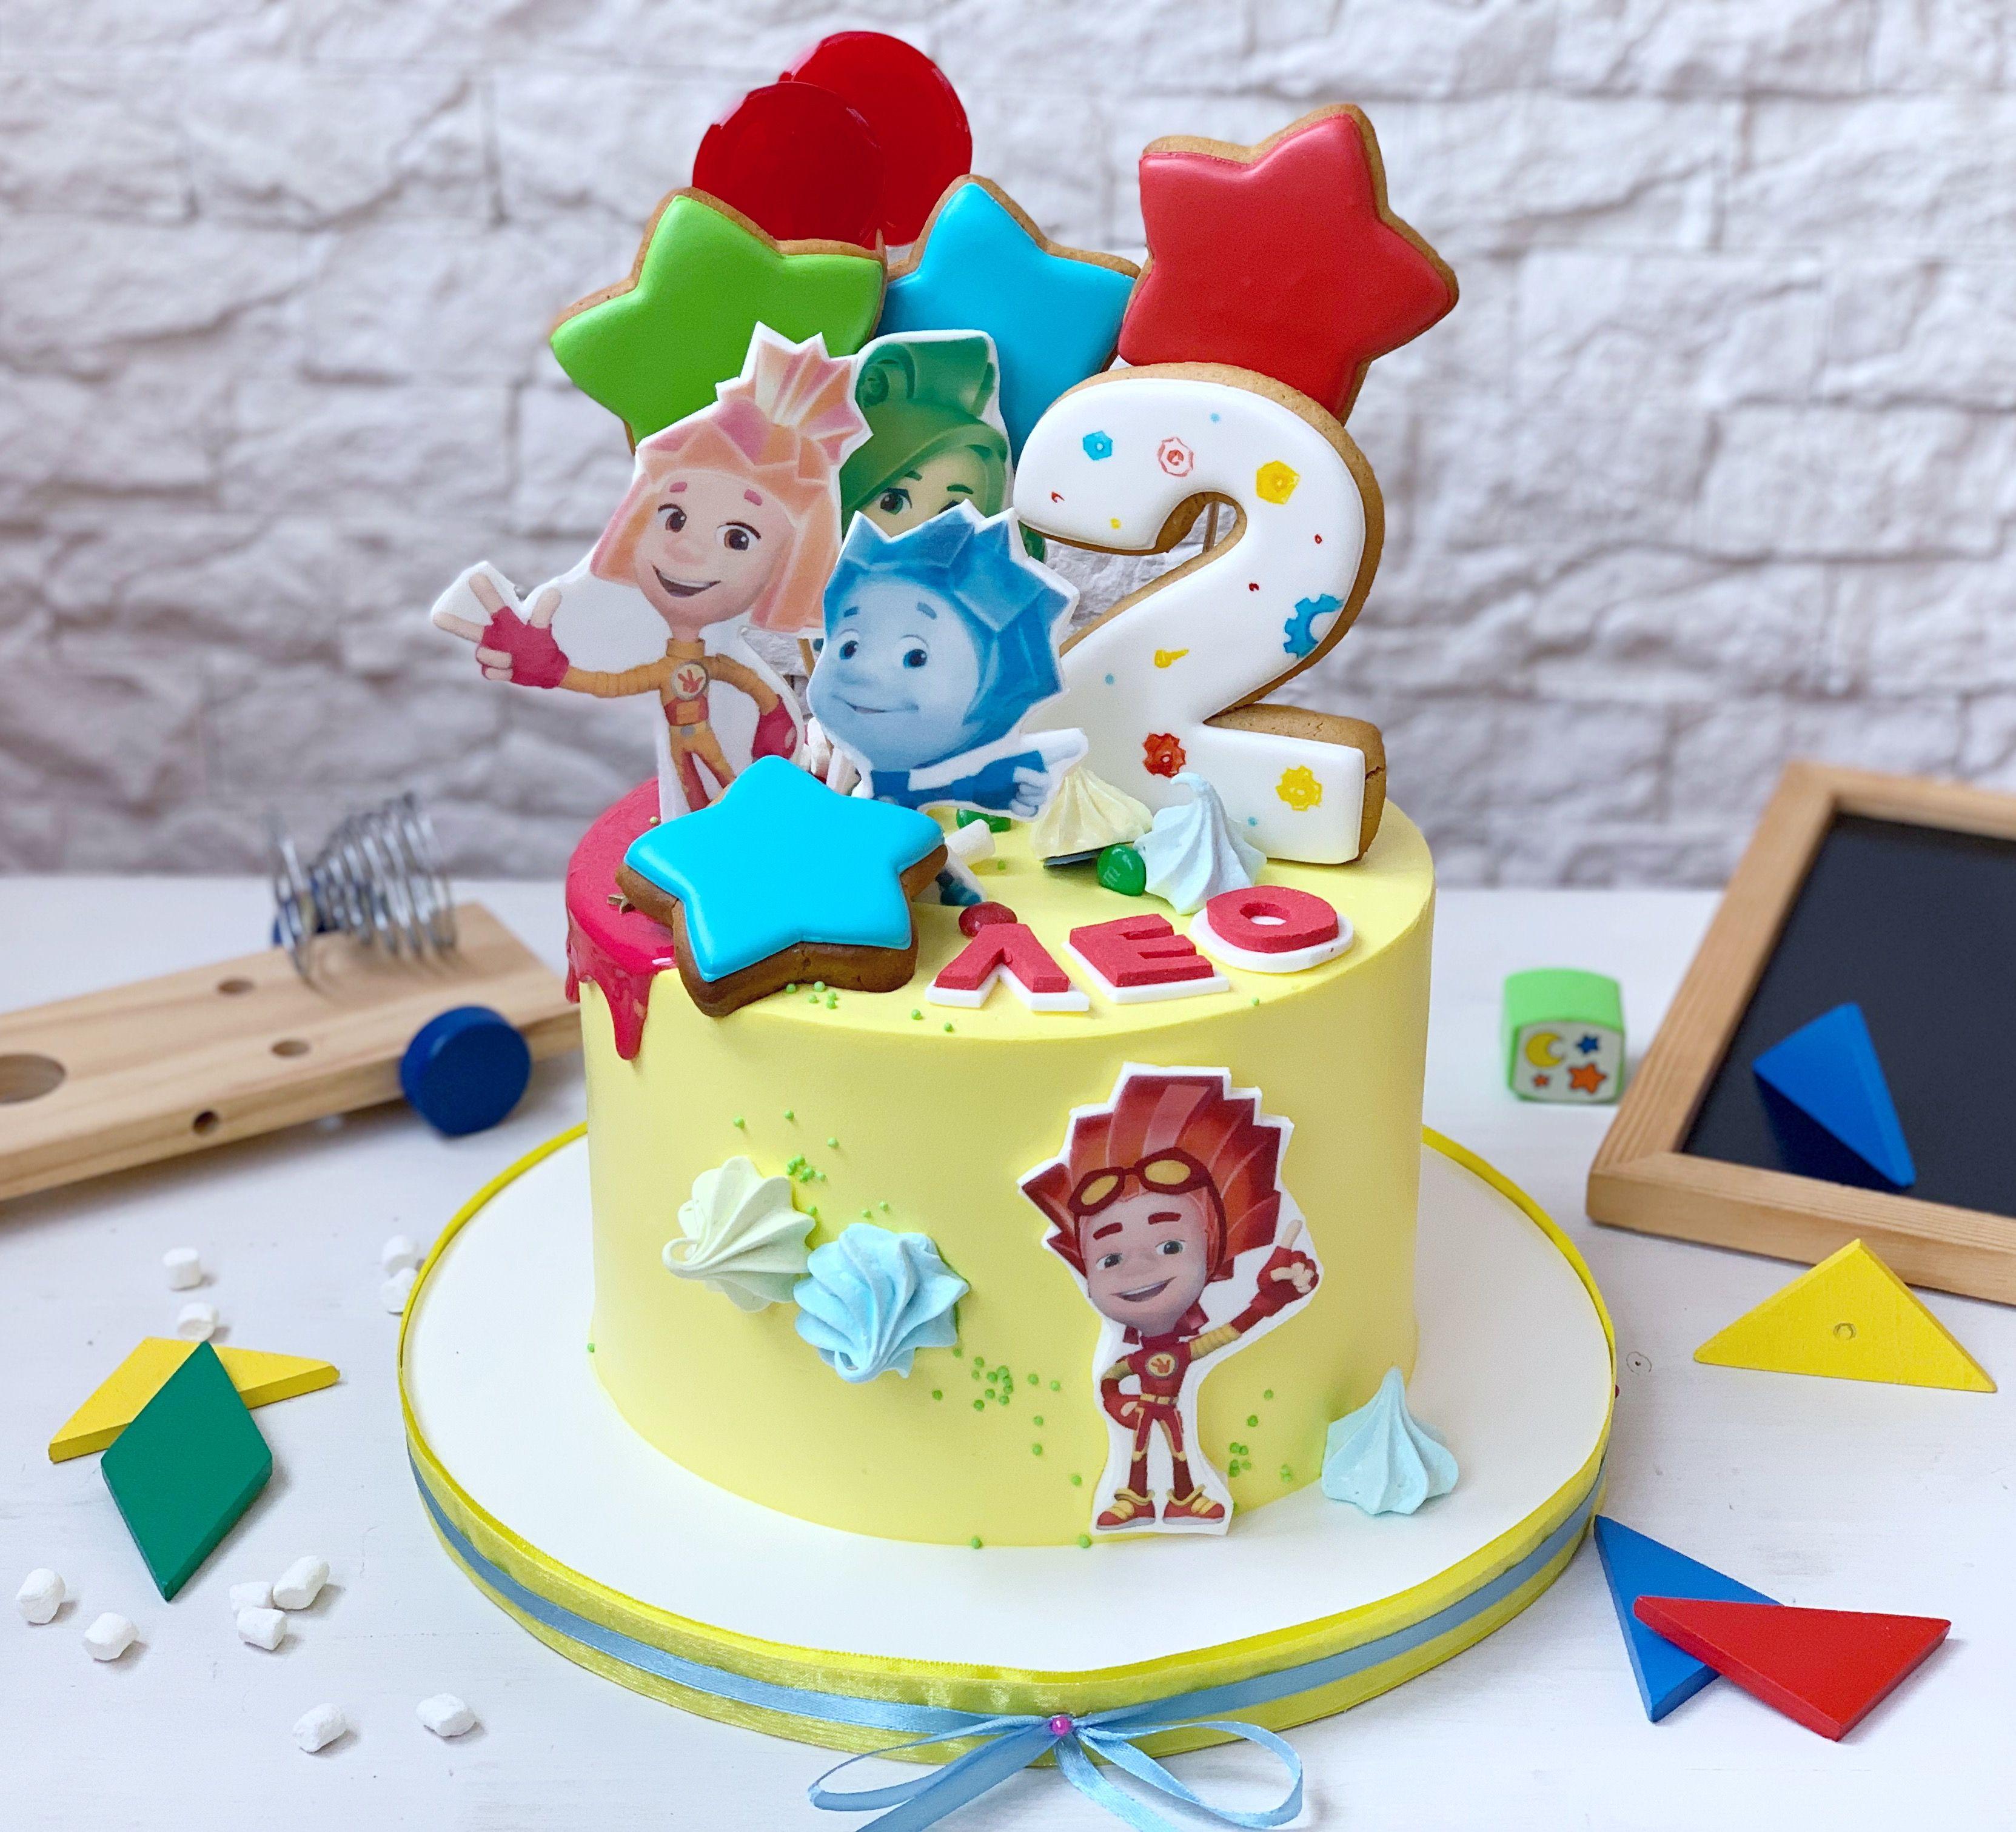 переводе торт с фиксиками вафельная картинка дозирования выбирают соответствии